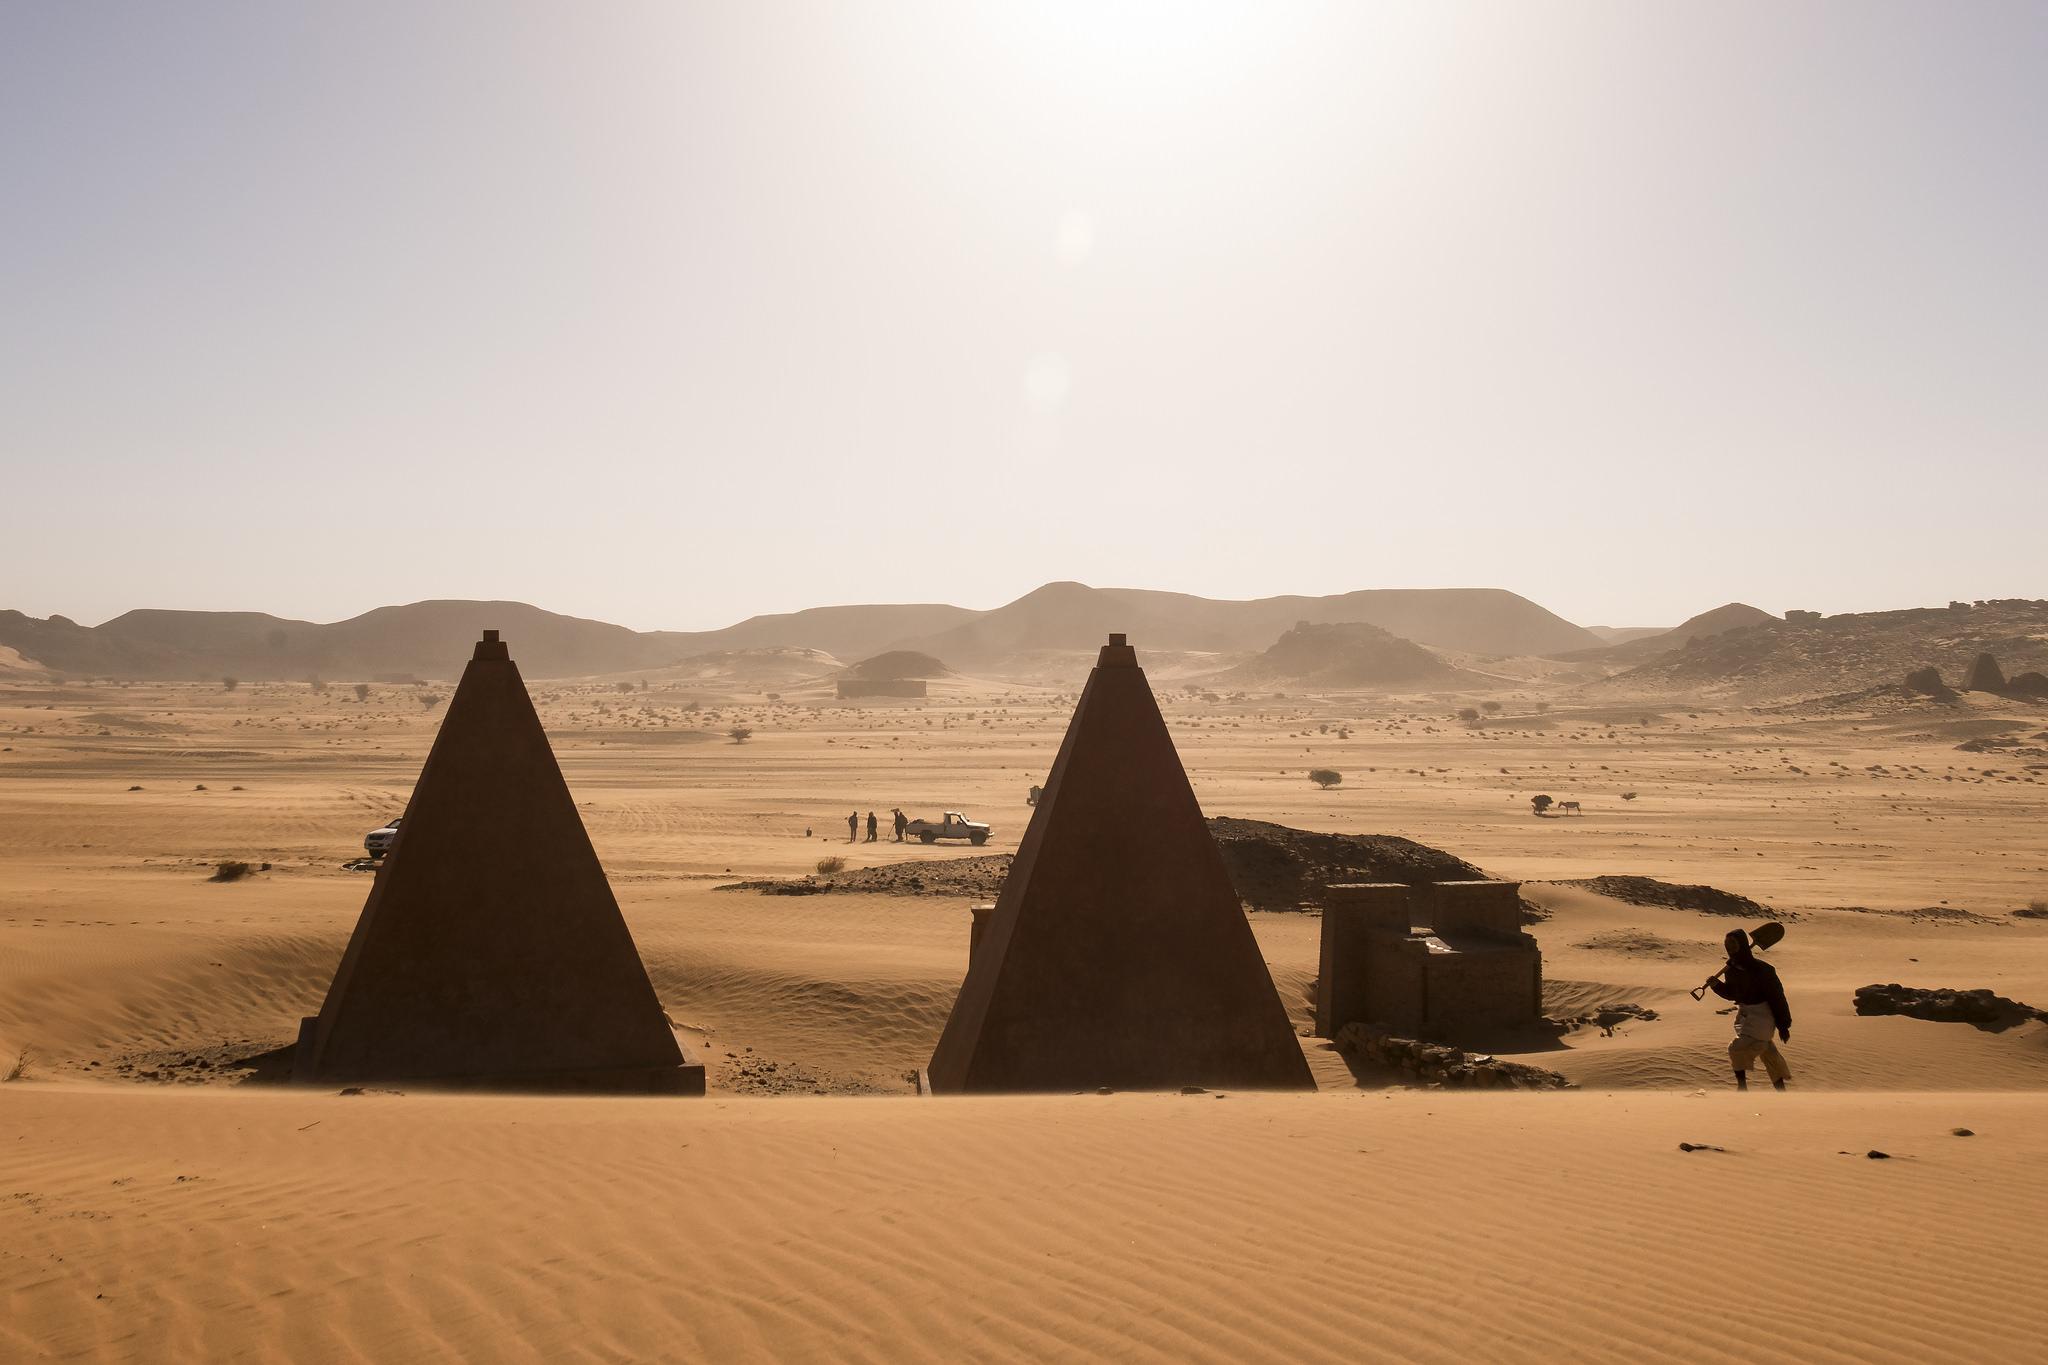 Pyramids in Bir Tawil